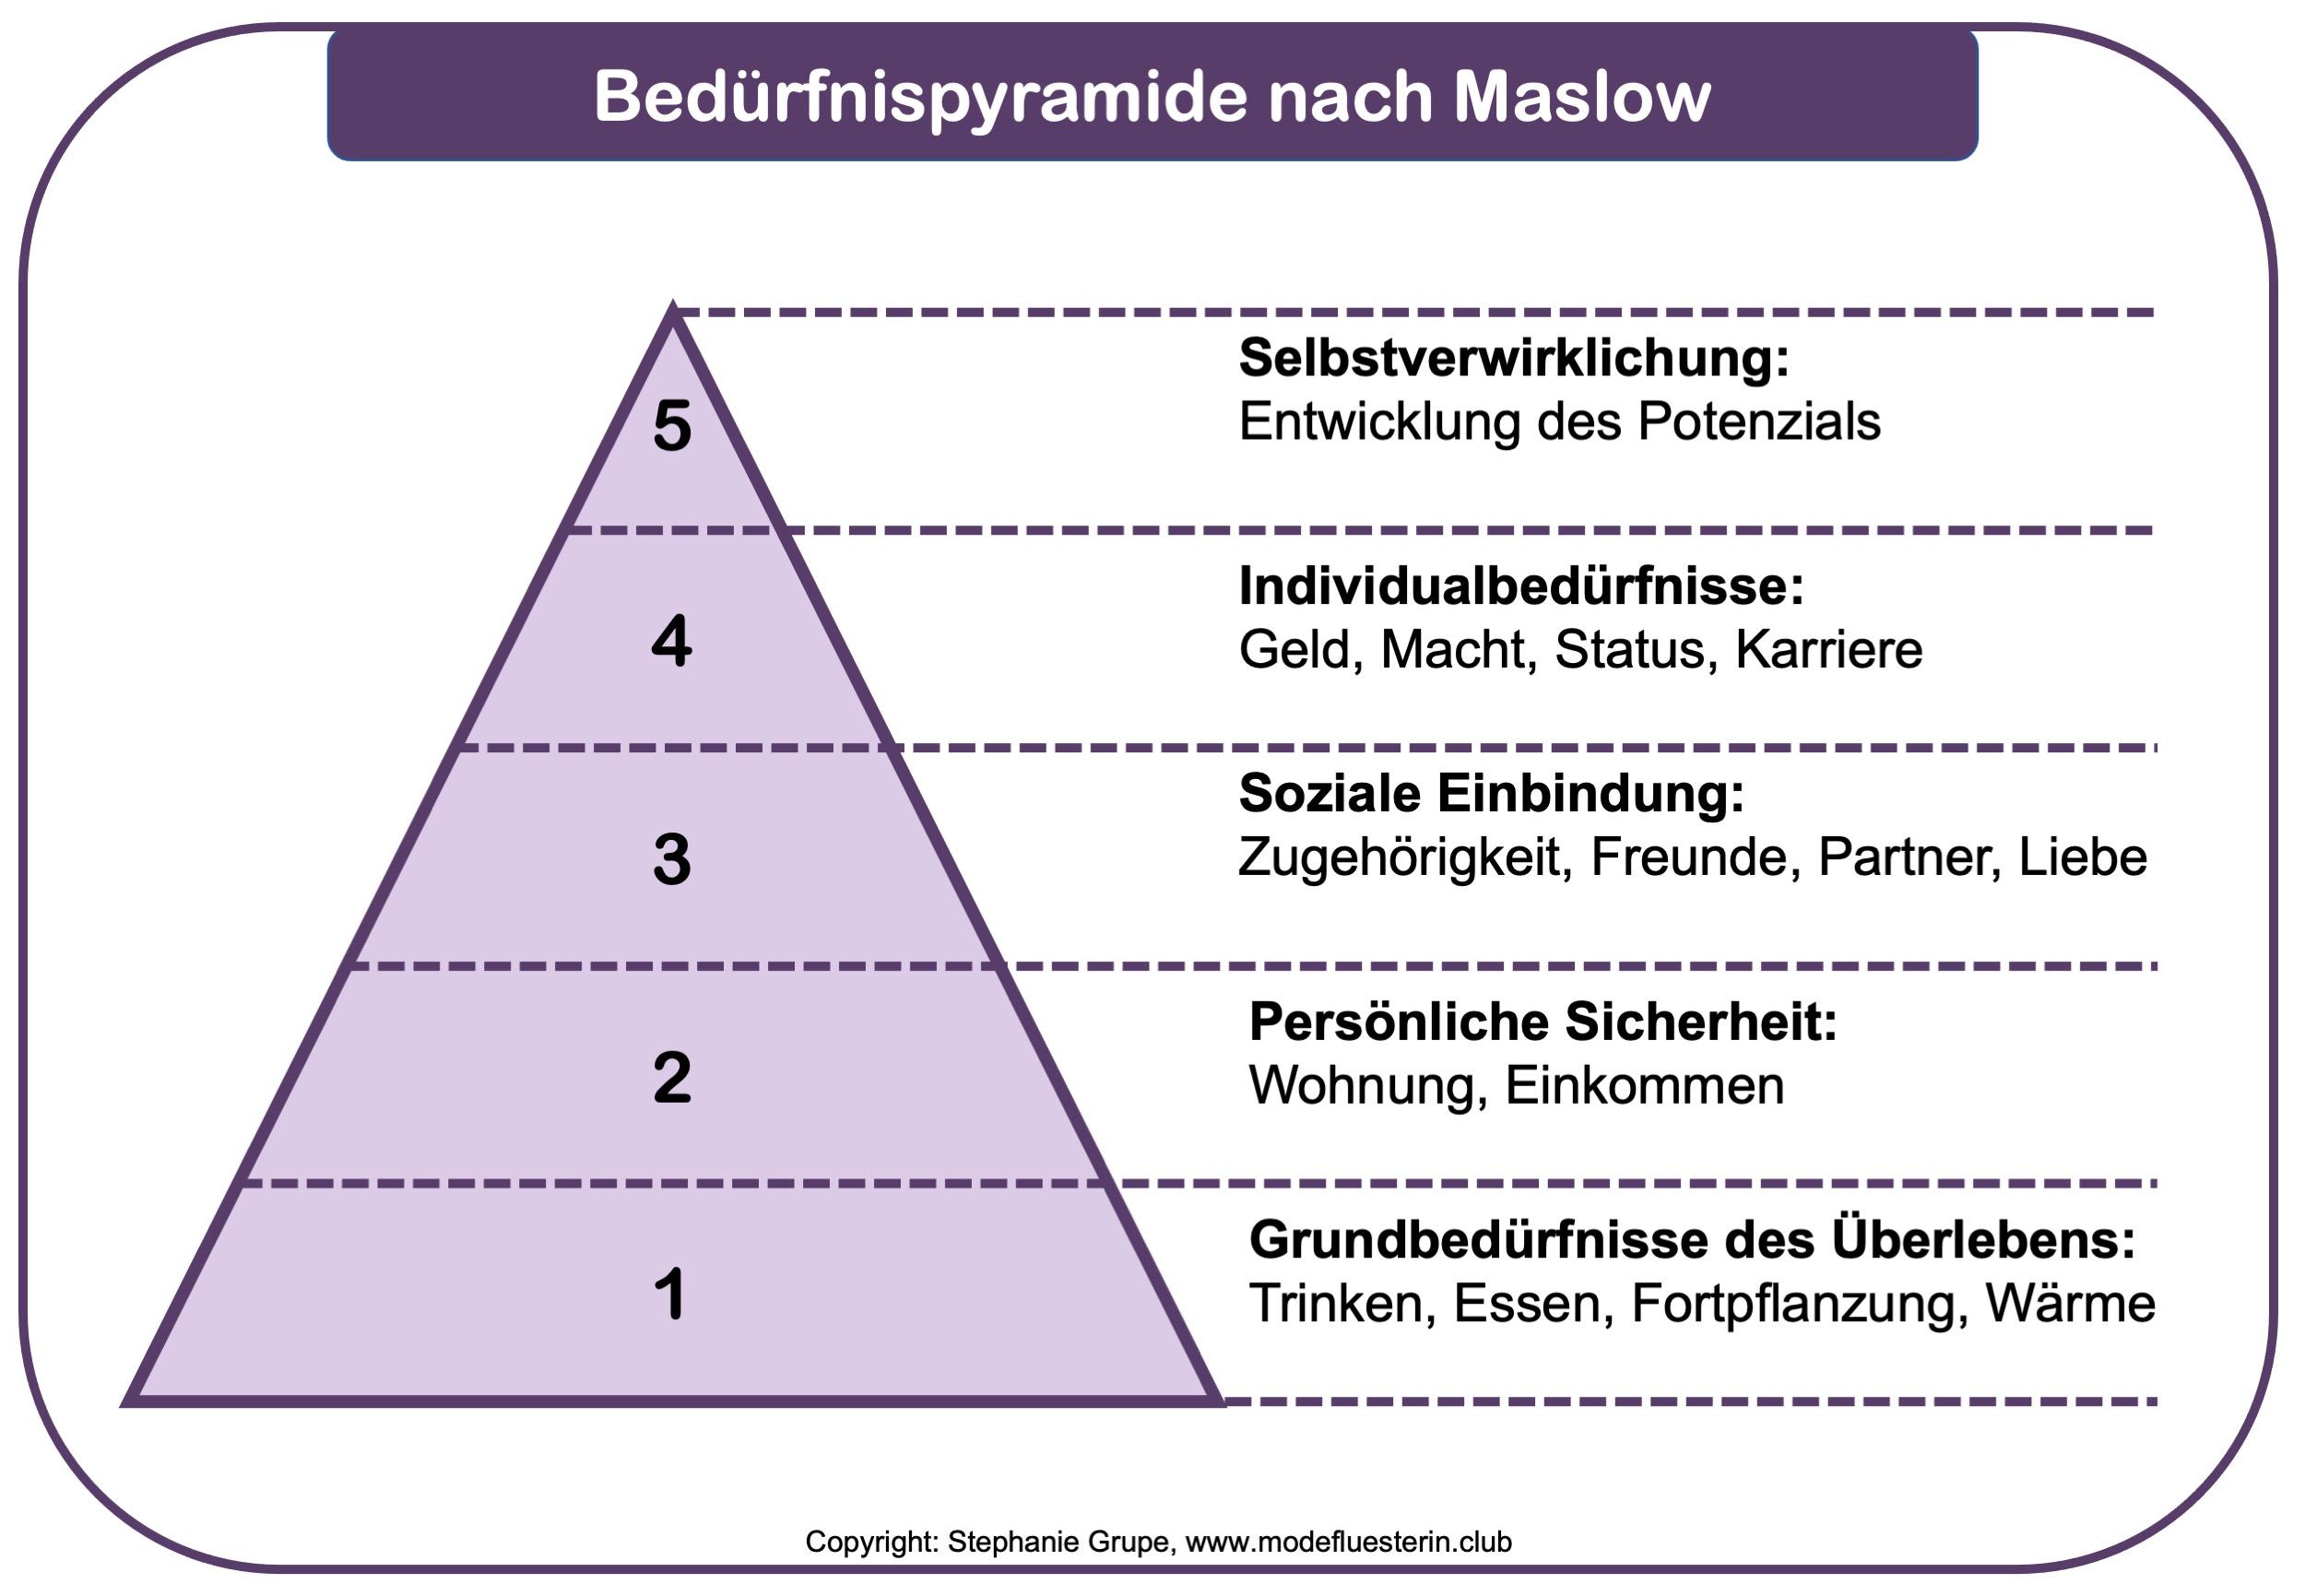 Wie wichtig ist Mode wirklich - Gedankenspiel nach der Bedürfnispyramide von Maslow